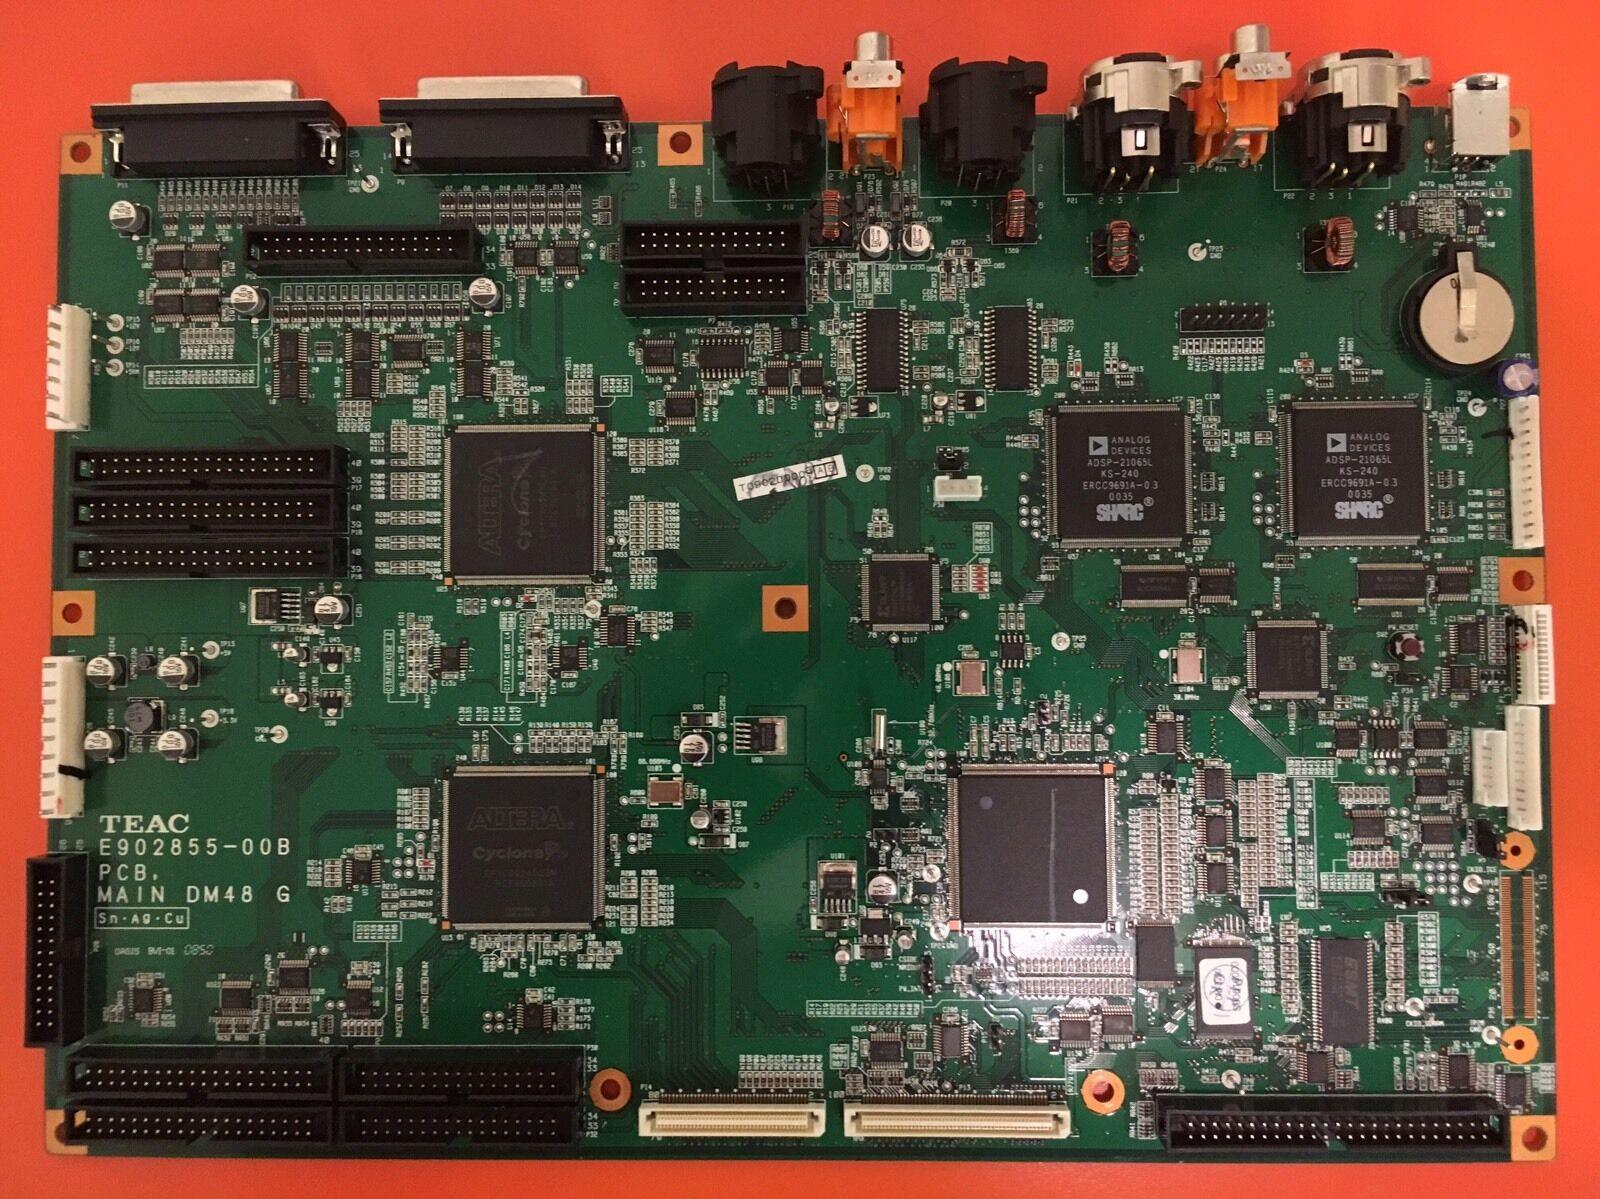 Tascam DM4800 DM3200 Main Board - TEAC E902855-00B PCB MAIN DM48 G